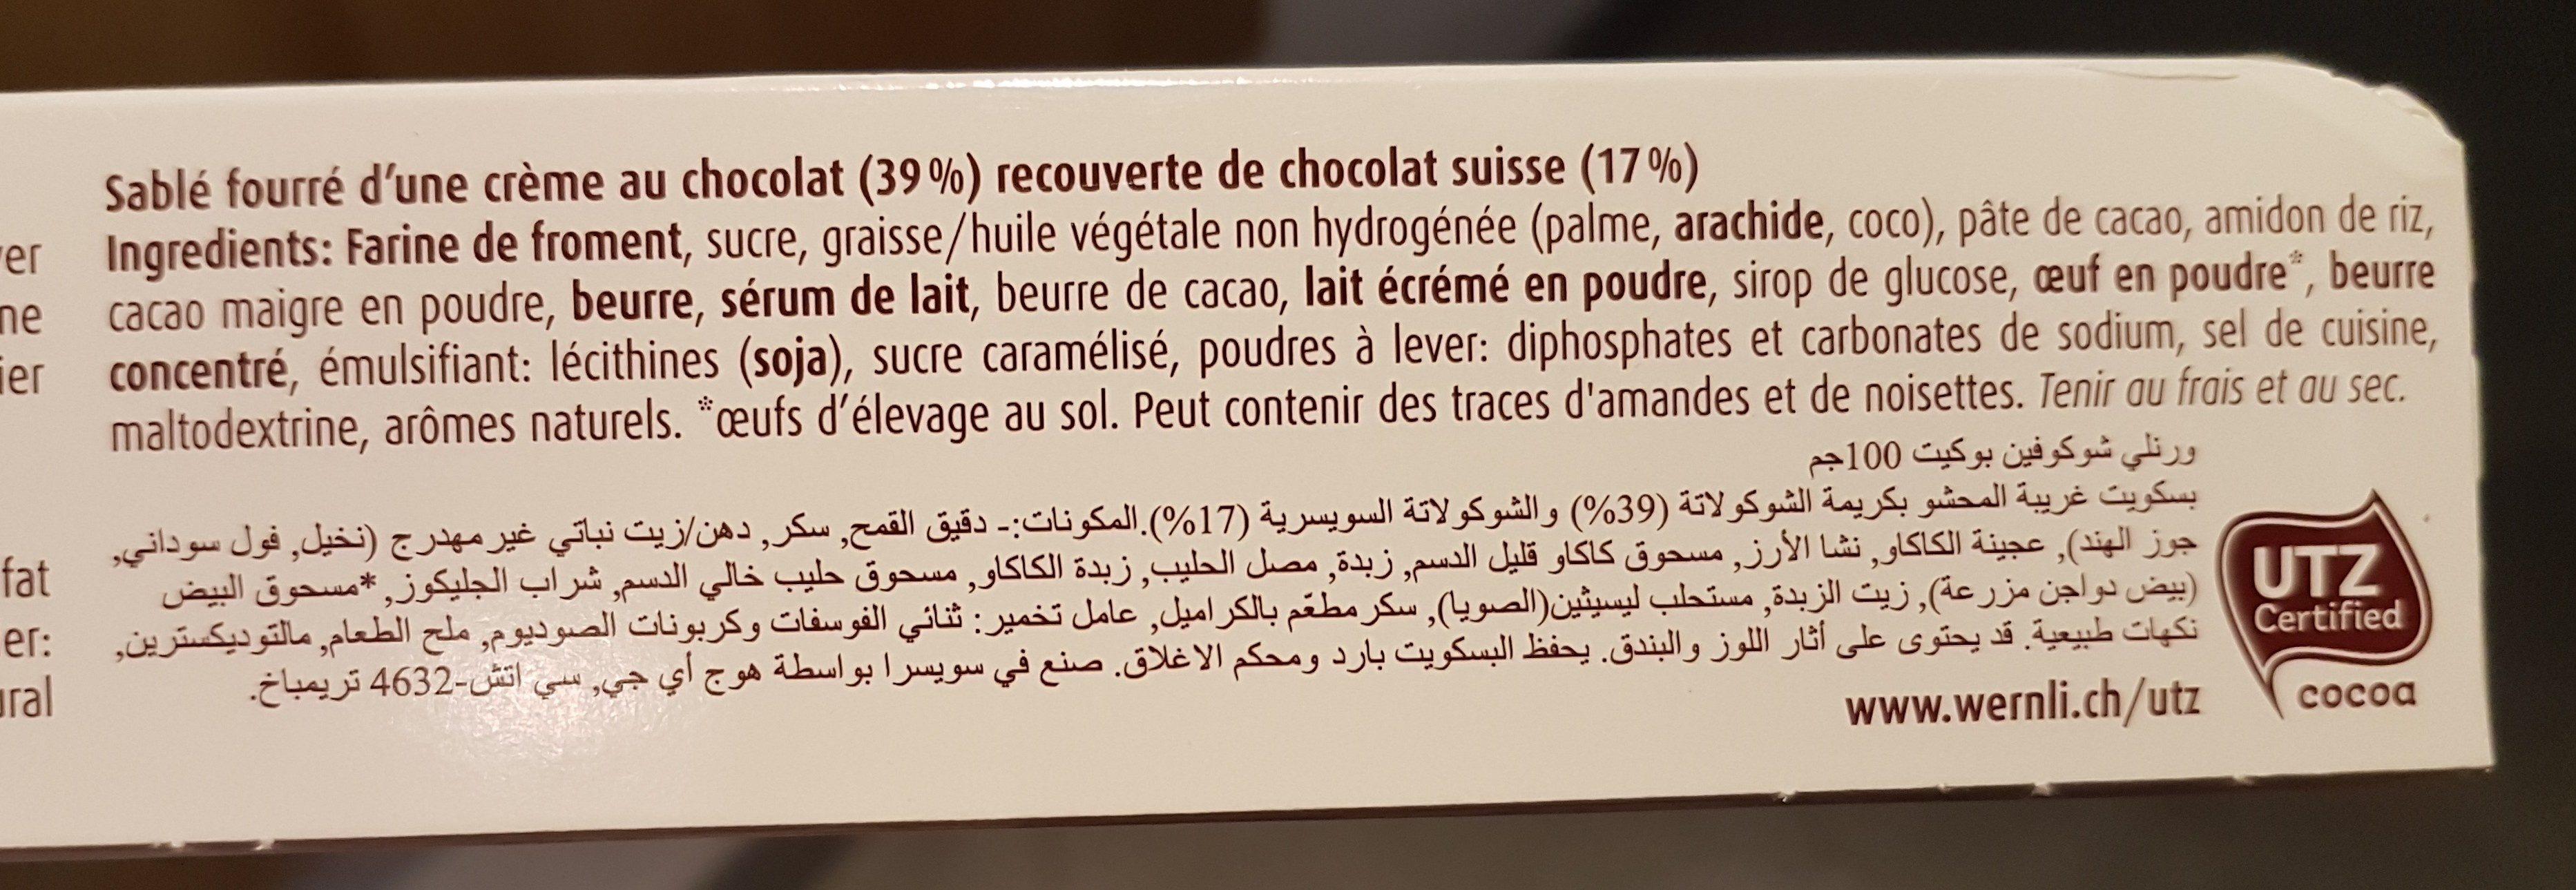 Wernli Biscuit Chocofin 100 Gr - Ingredients - fr